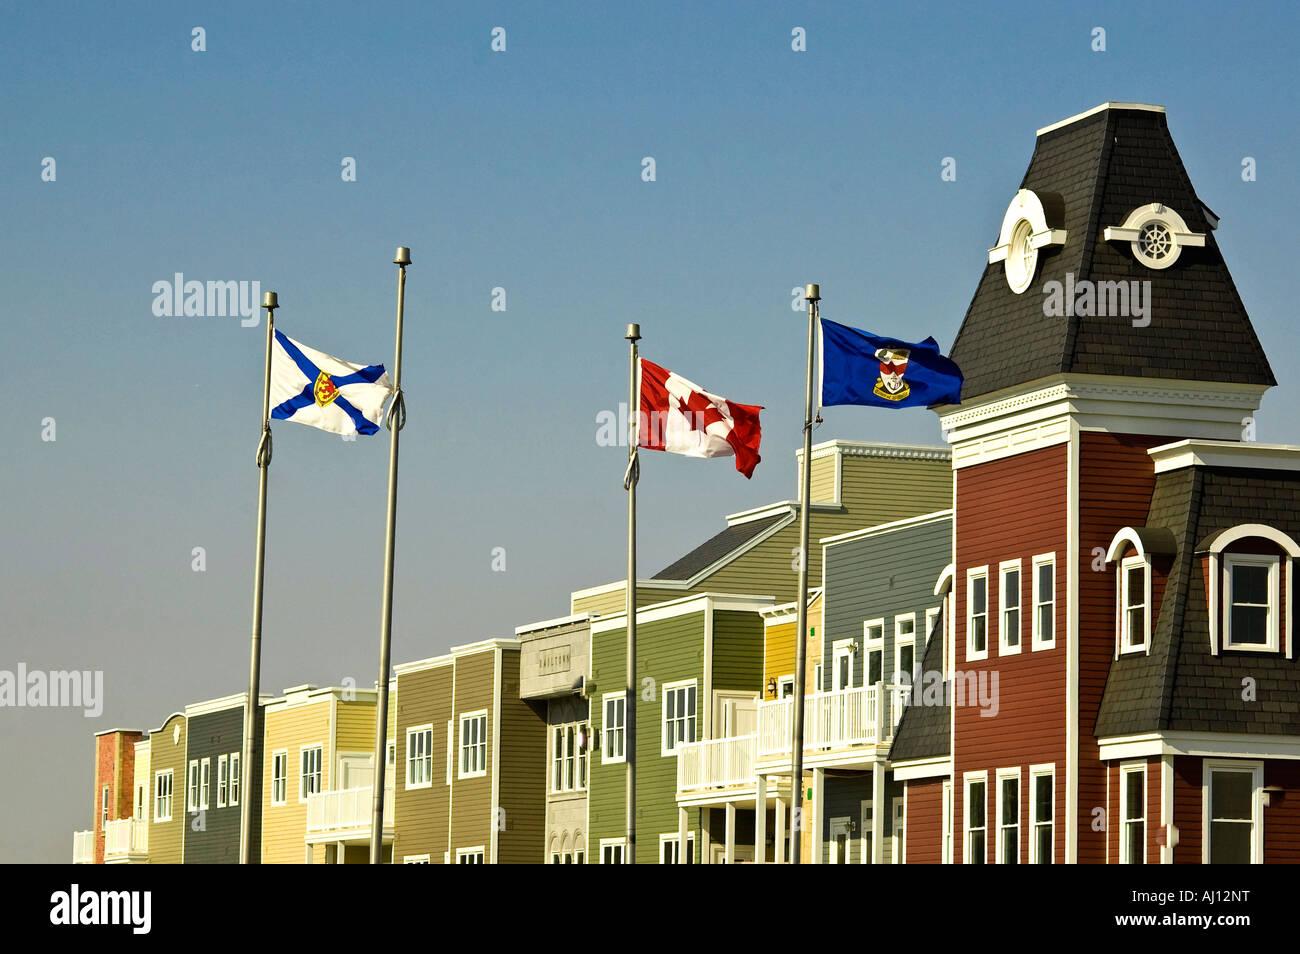 Flaggen wehen vor Neubau Eigentumswohnung in der Innenstadt von Wolfville, Nova Scotia, Kanada. Stockfoto